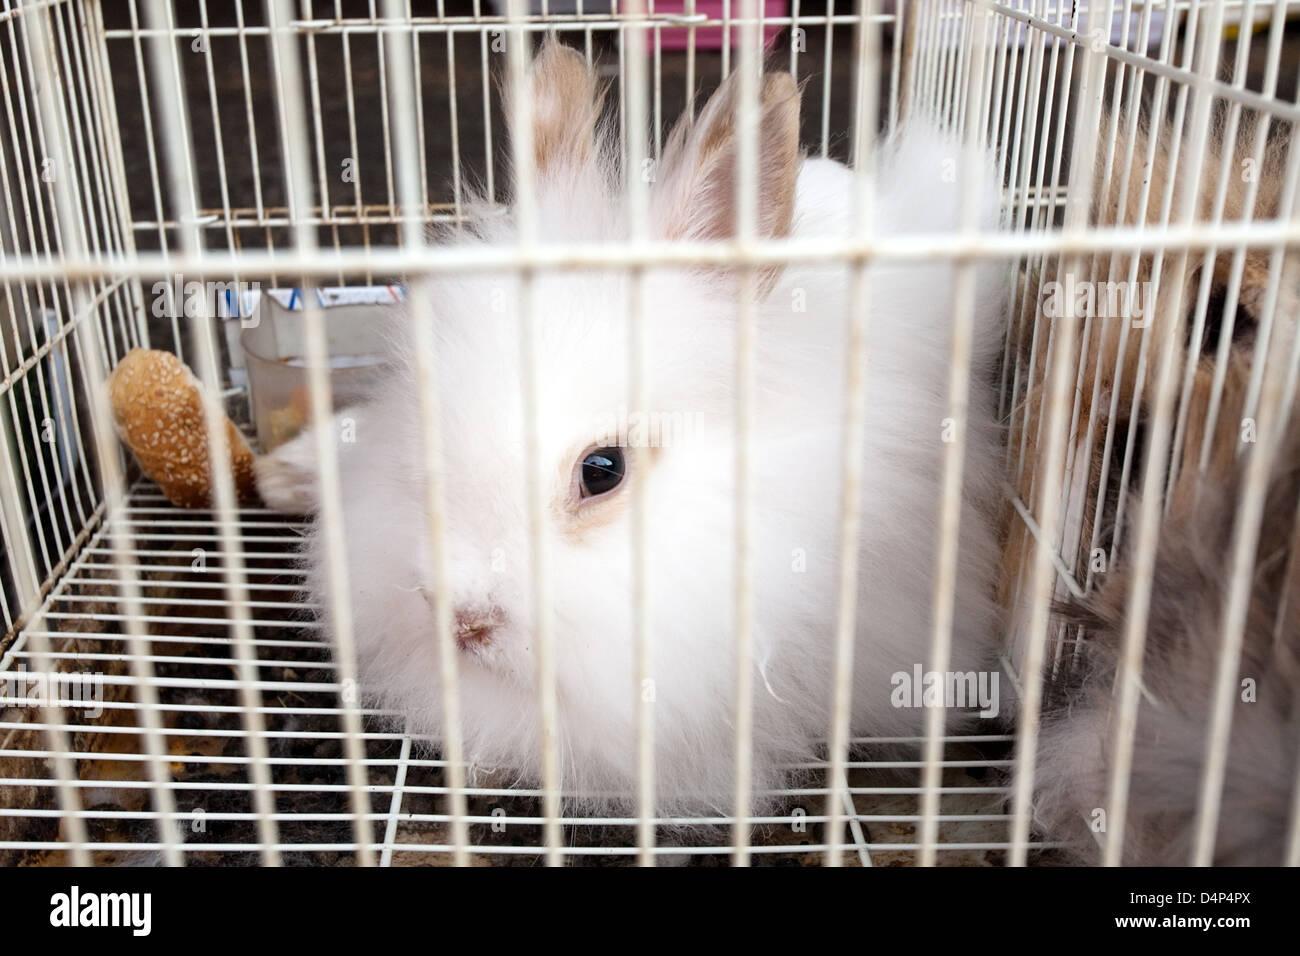 Ziemlich Große Draht Kaninchen Käfige Bilder - Schaltplan Serie ...